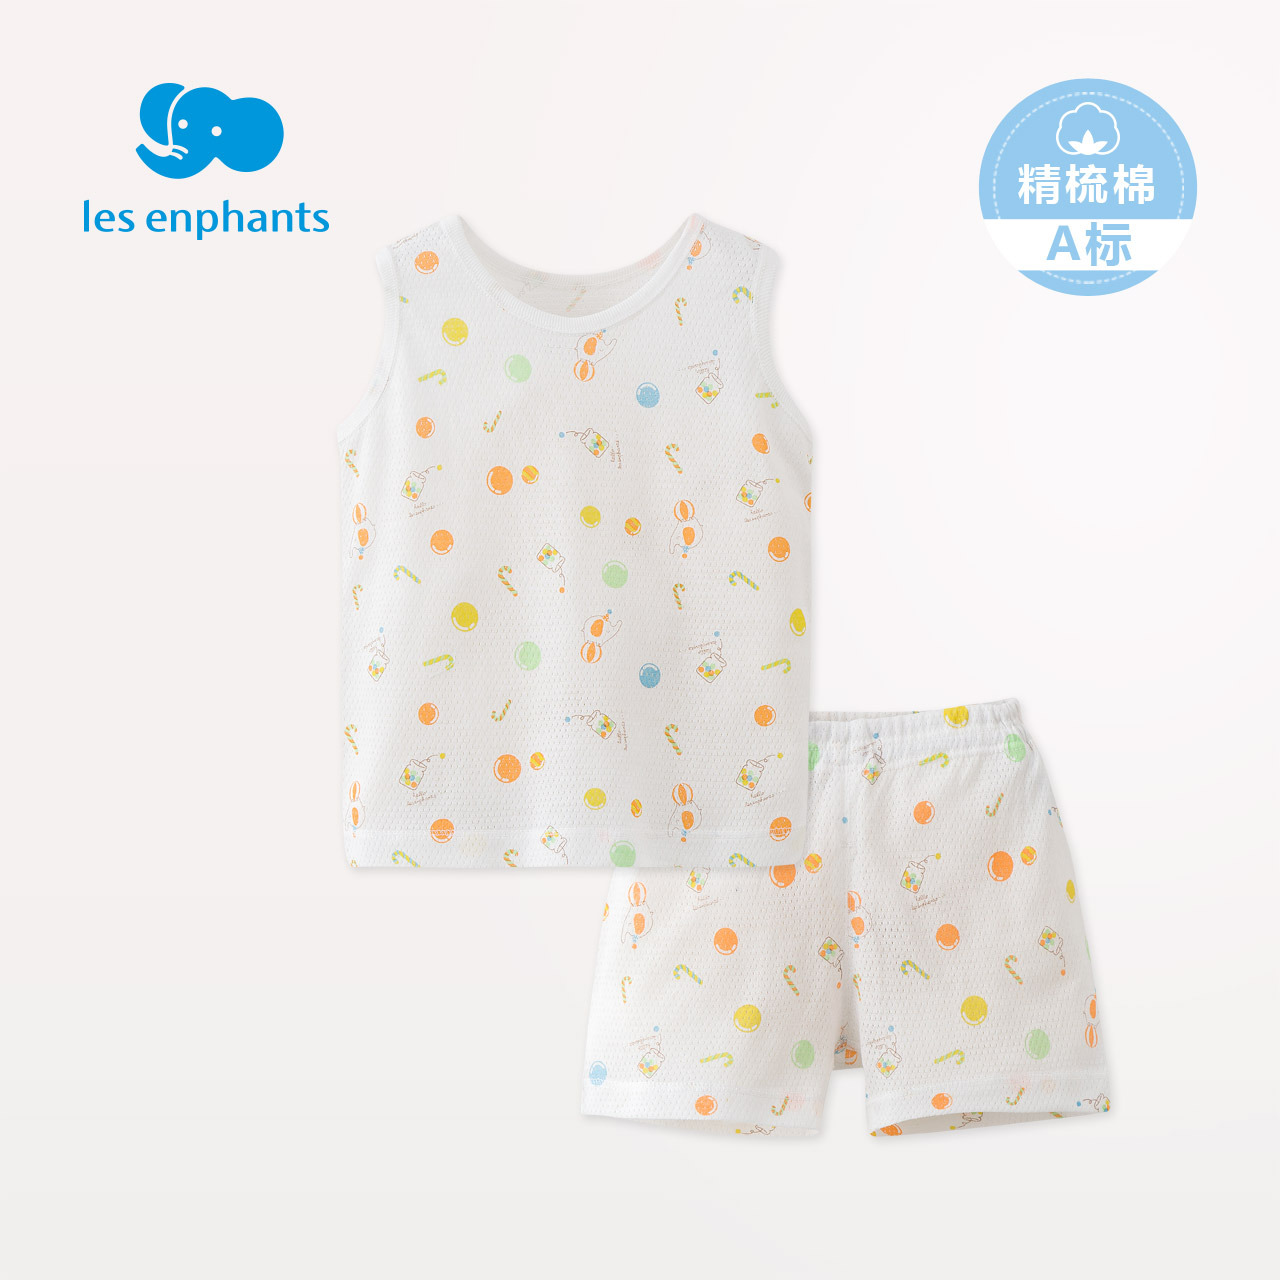 丽婴房婴儿衣服儿童纯棉内衣套装男女童夏季薄款背心套装2018新款